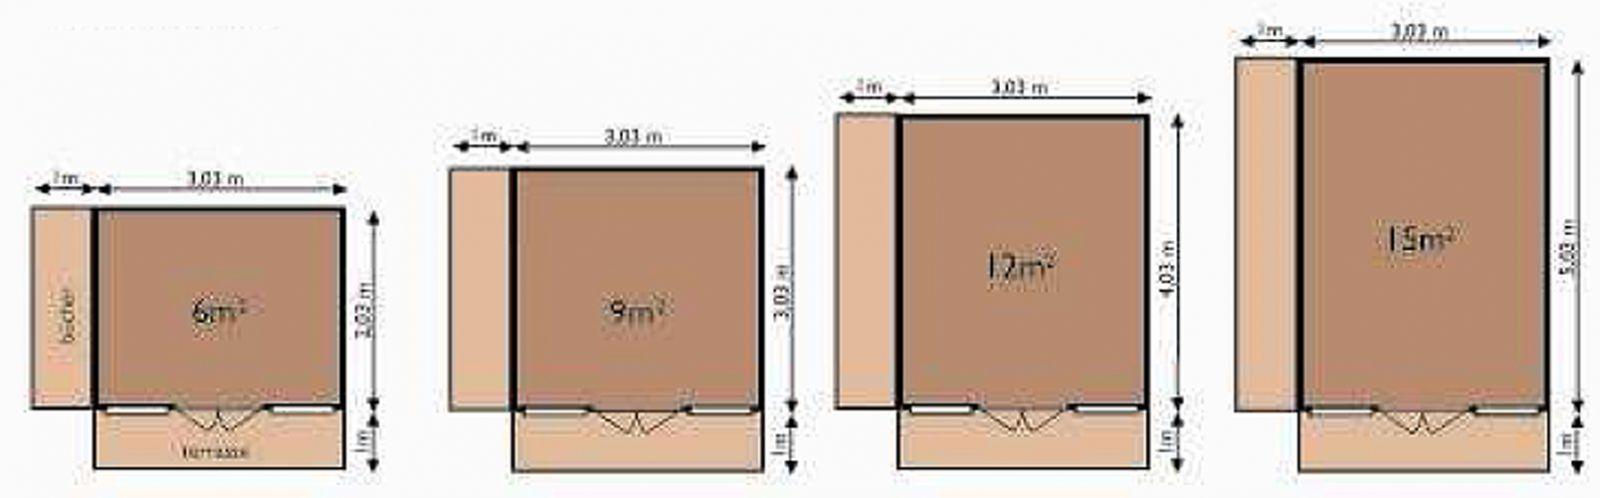 Chalet habitable en bois chalet modulable techni contact for Cabanes en bois habitables